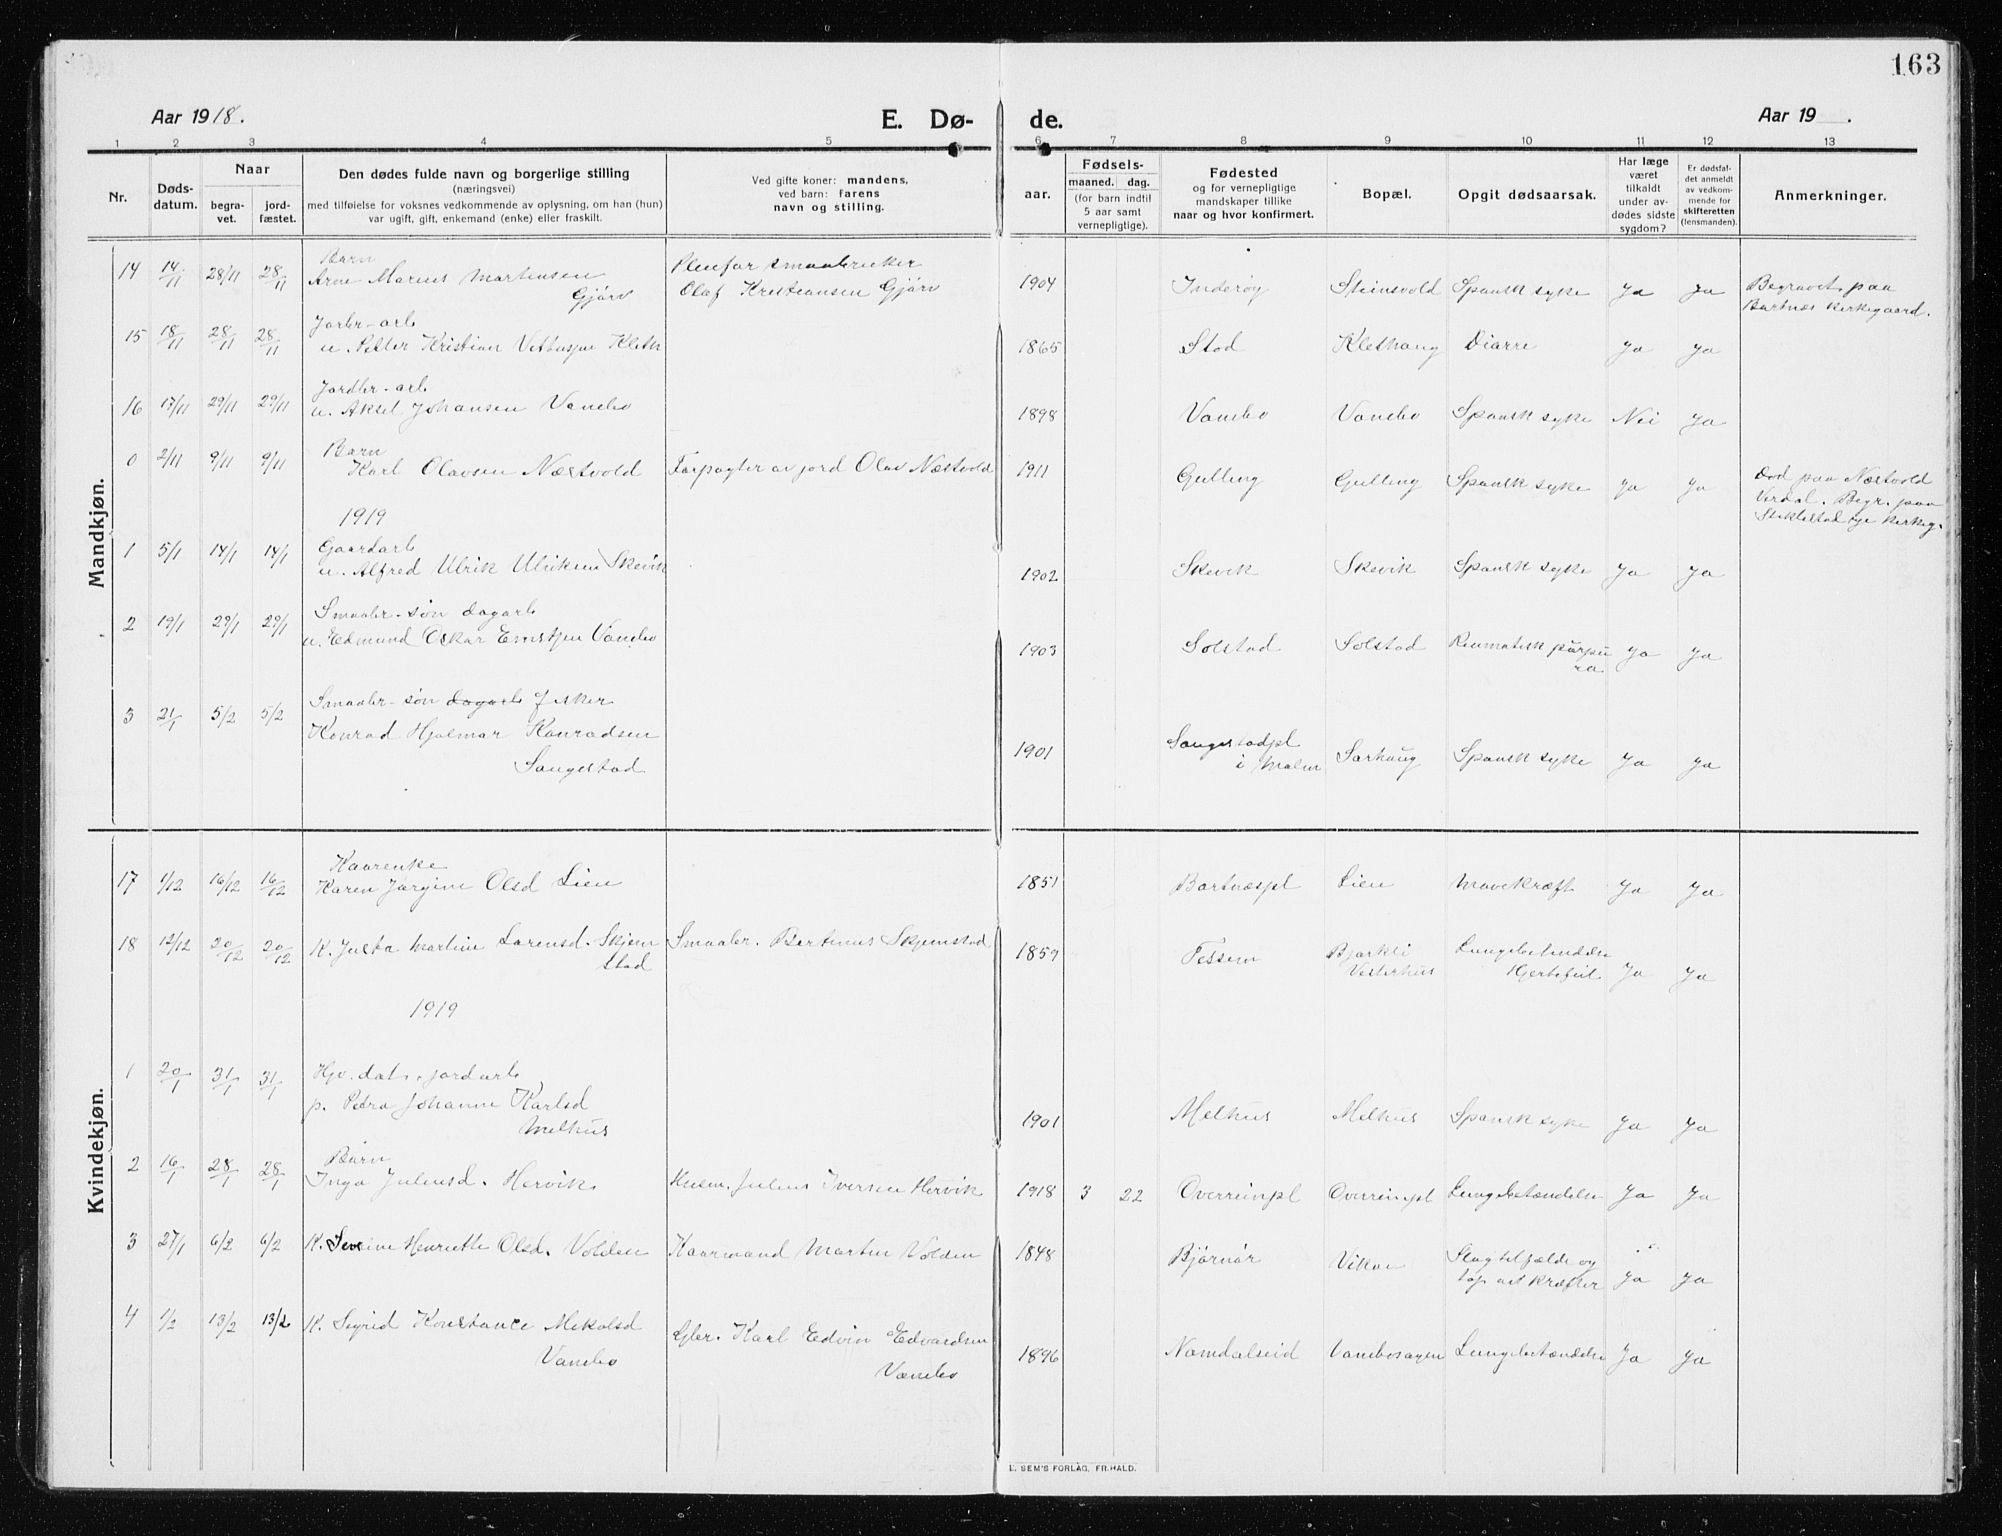 SAT, Ministerialprotokoller, klokkerbøker og fødselsregistre - Nord-Trøndelag, 741/L0402: Klokkerbok nr. 741C03, 1911-1926, s. 163